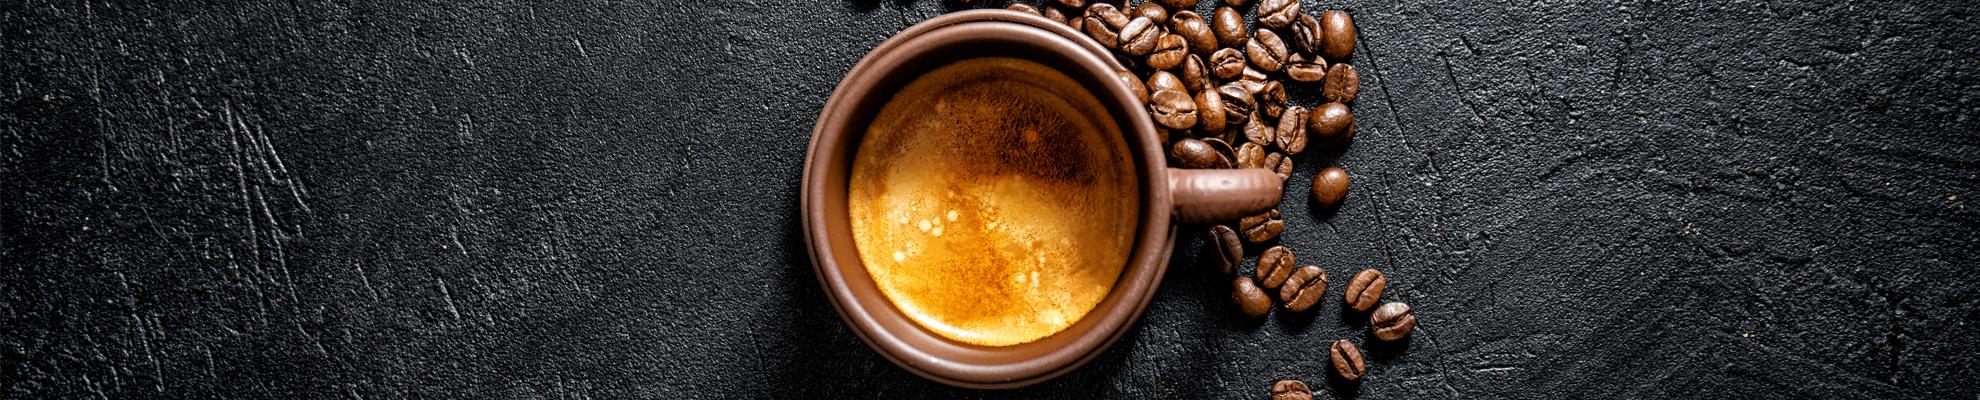 Panafe Macchine per caffe